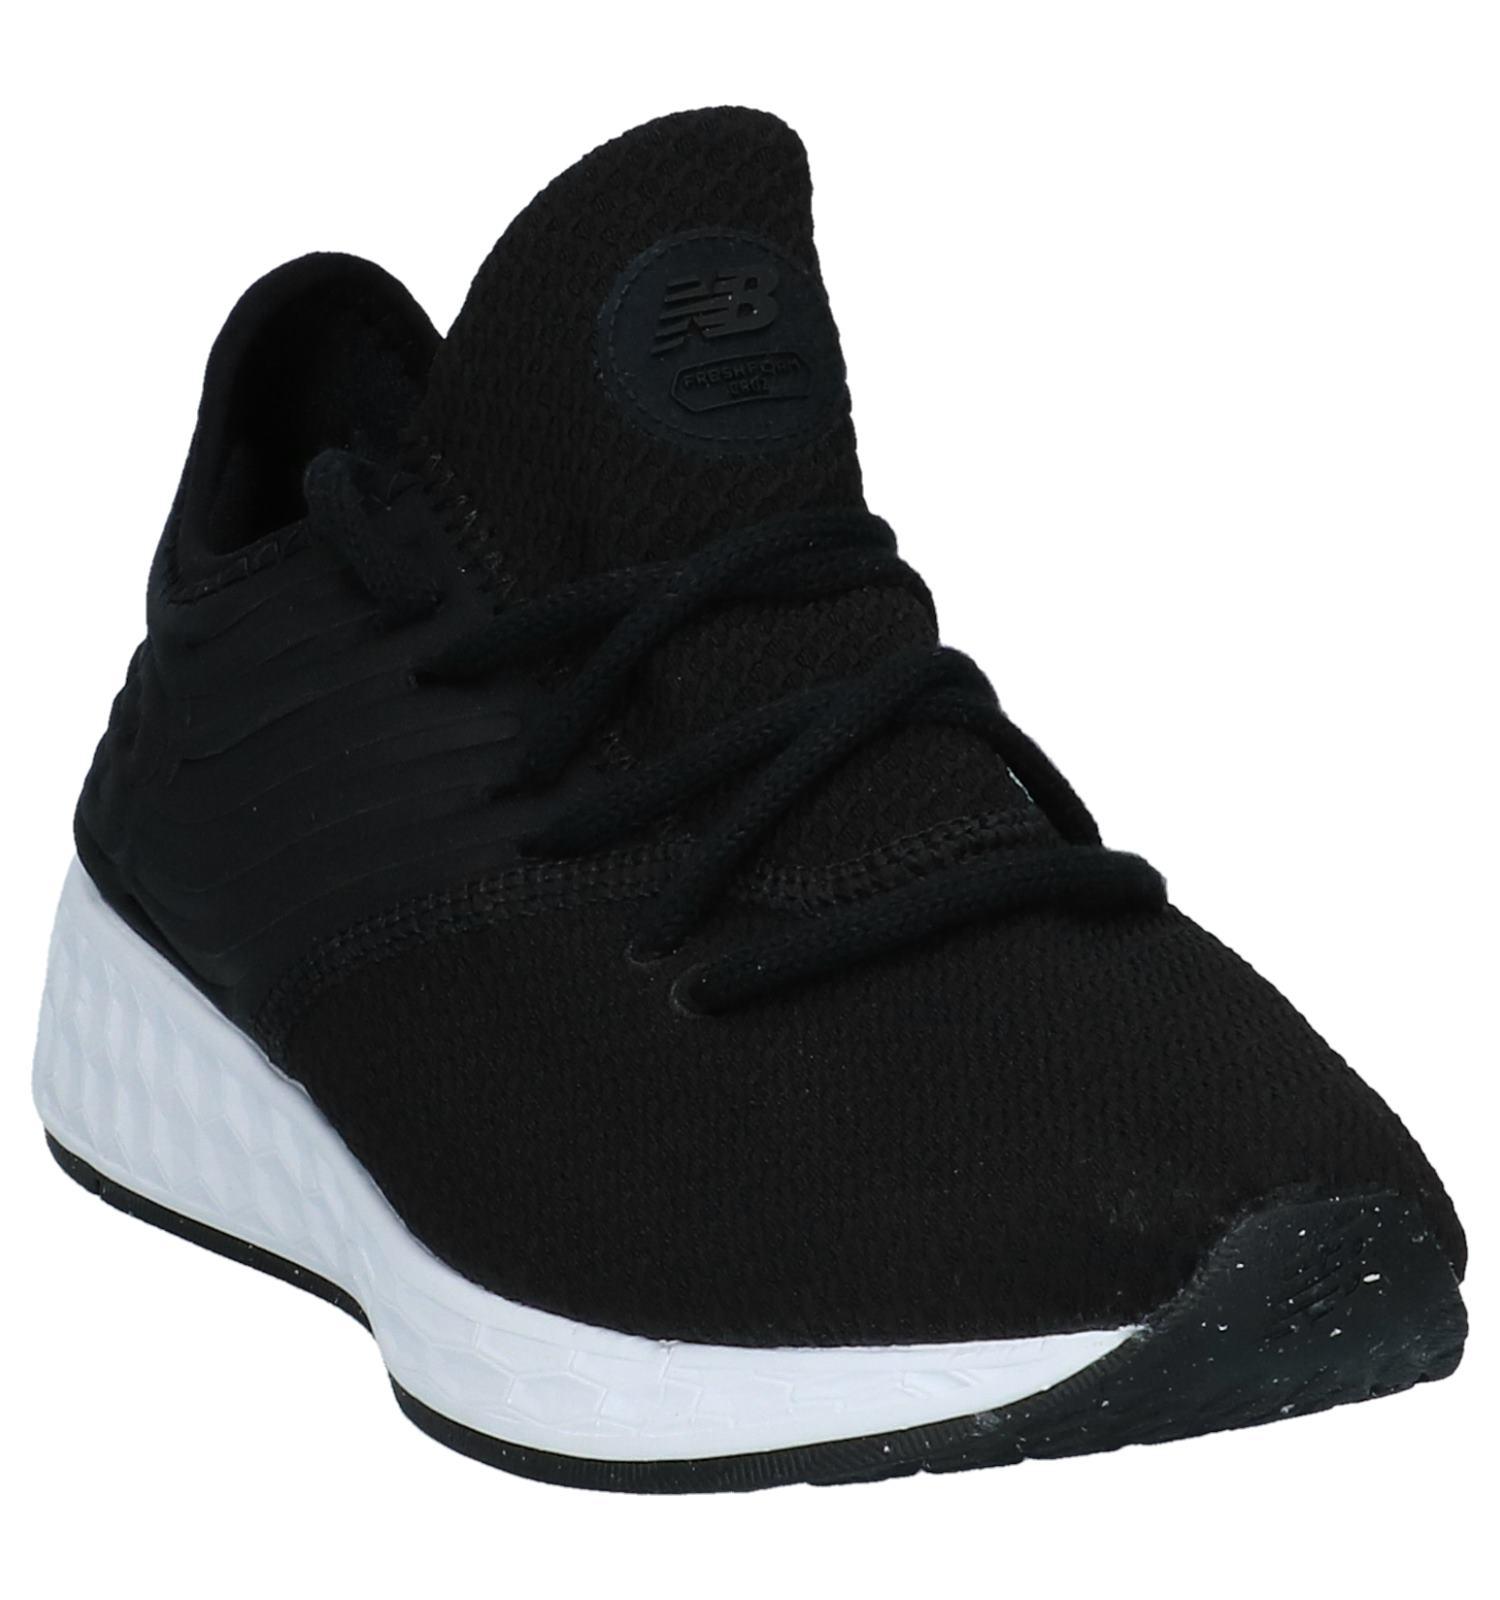 Zwarte Balance Sneakers Zd New Wcr zSpVUM